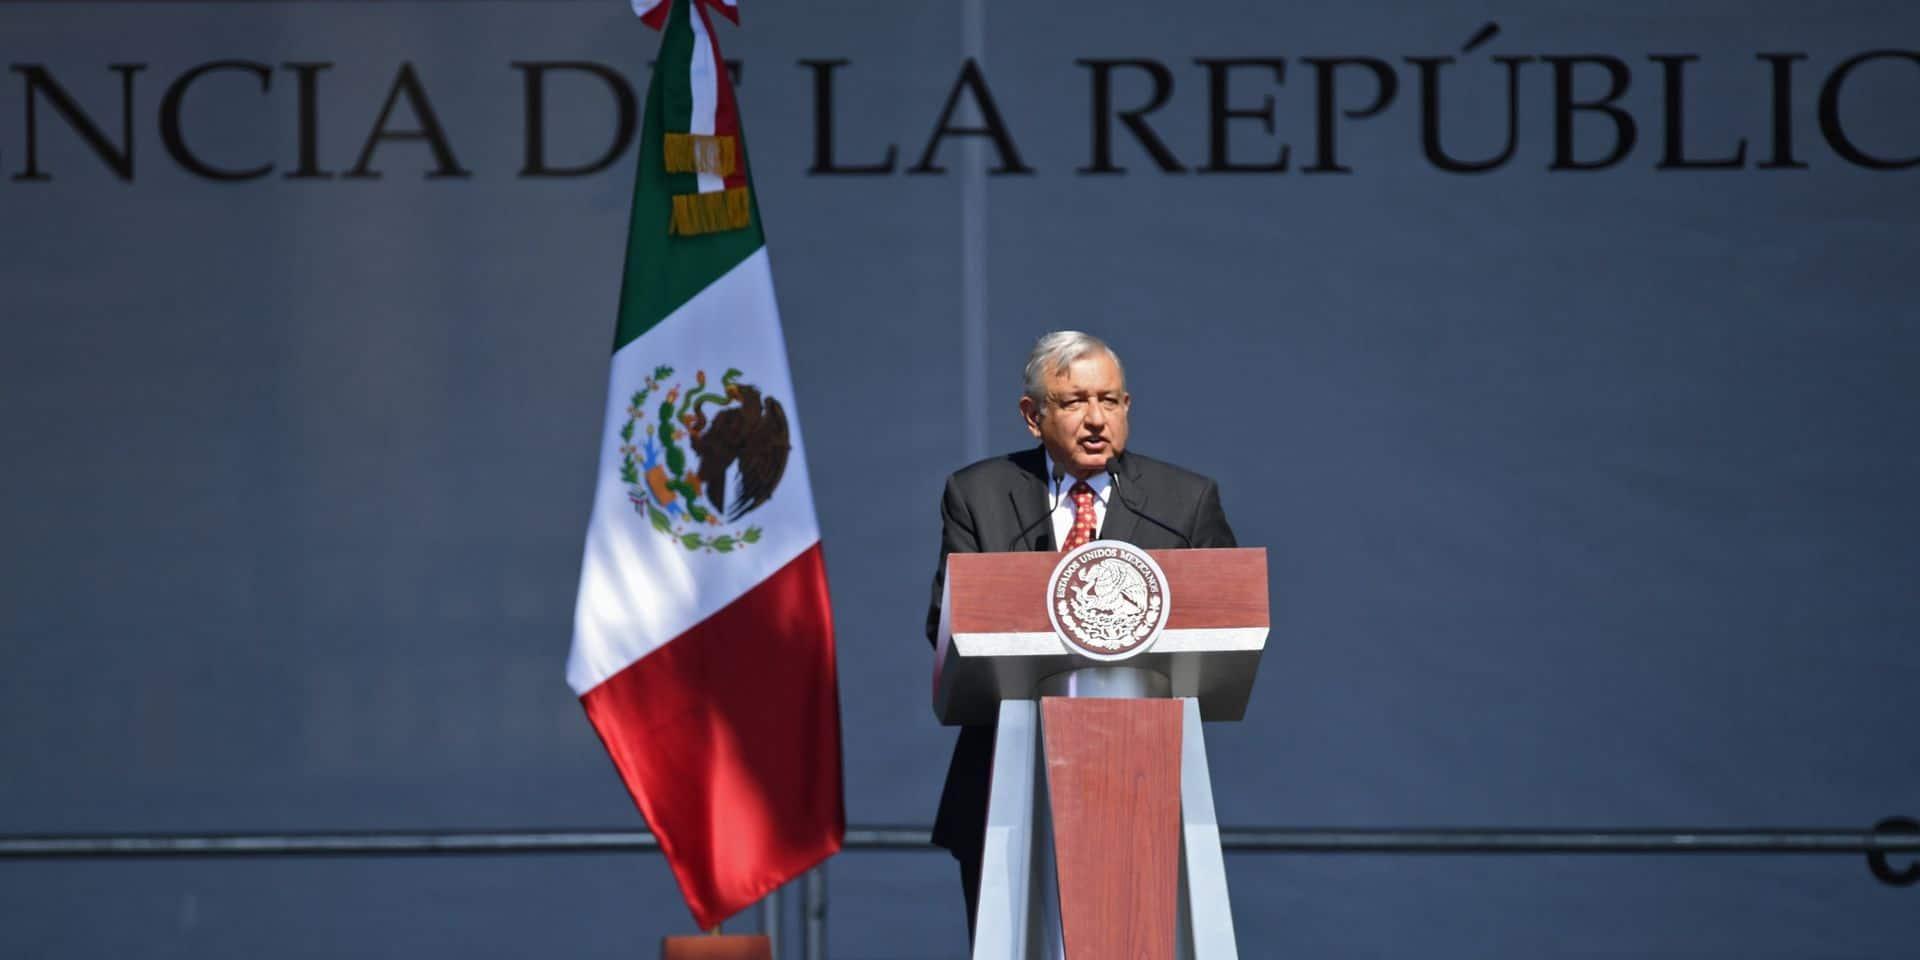 Le Mexique réalise son erreur et veut renégocier l'accord commercial avec les Etats-Unis